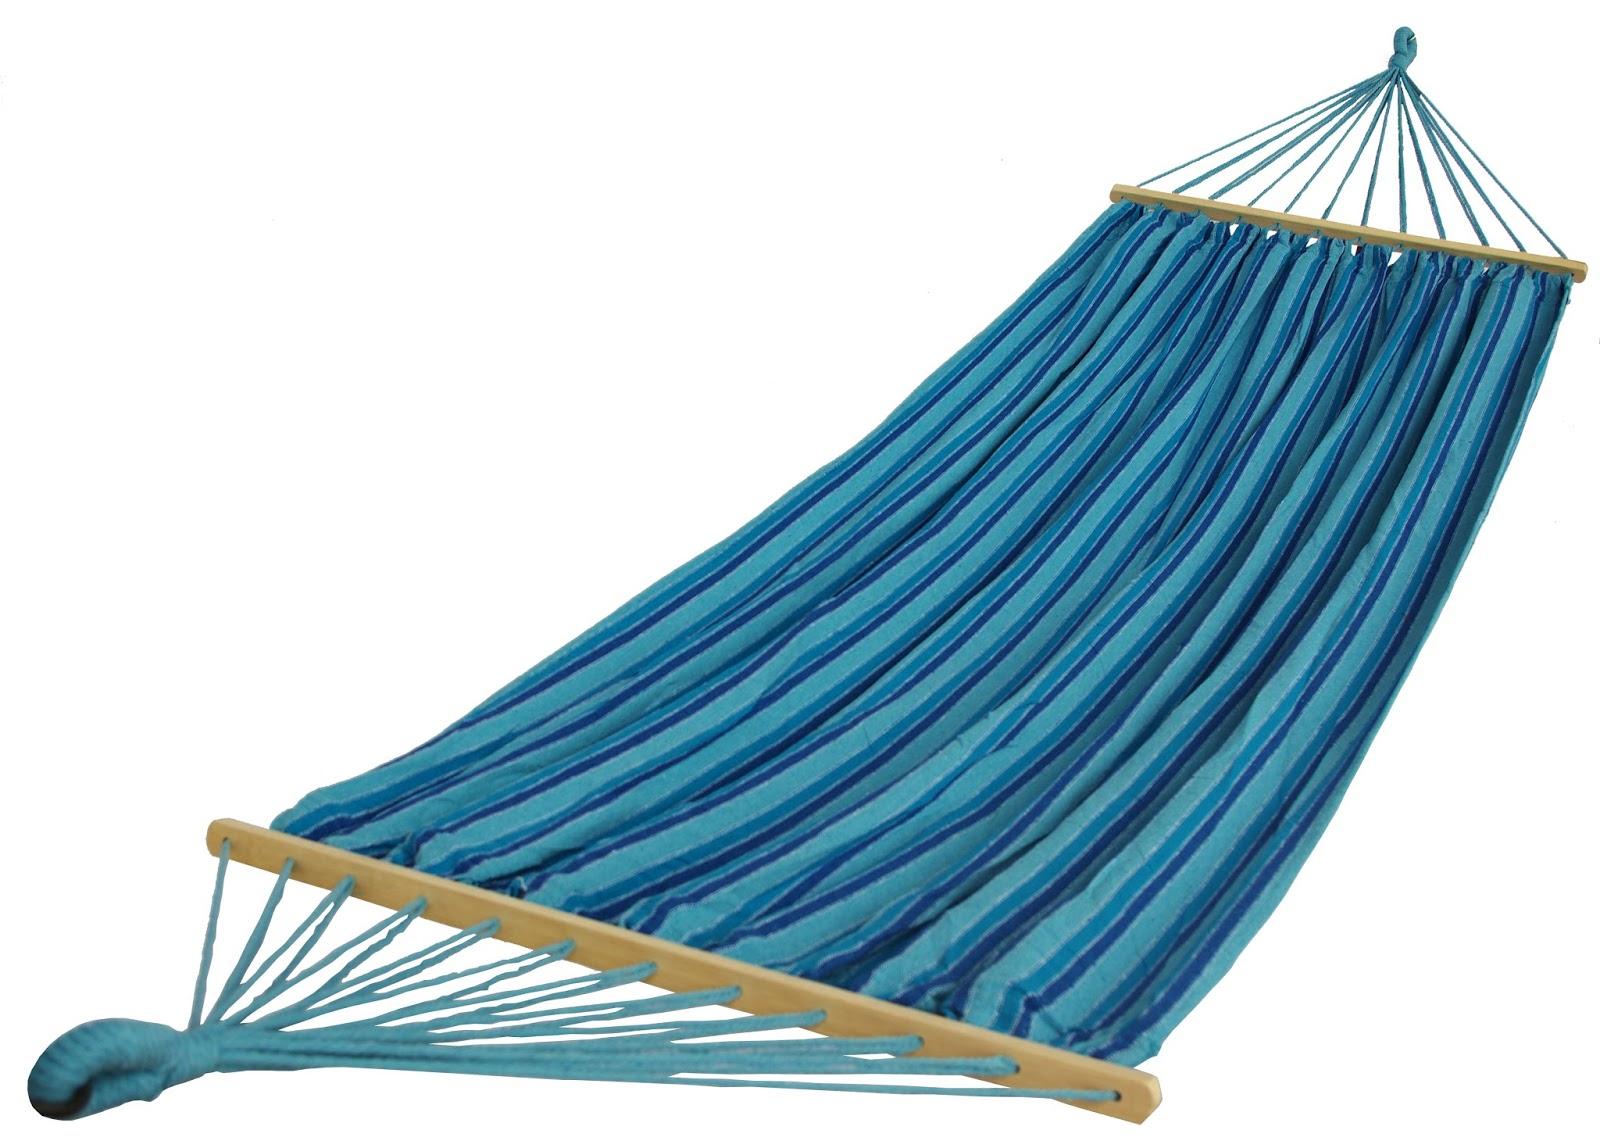 hamac, hamac-chaise, support-hamac, hamac-chaises, hamac-tropilex, hamac-pas-cher, double-hamac, hamac-suspendu, hamac-d-intérieur, repos, repos-hamac, repos-vacances, du-dessin-aux-podiums, dudessinauxpodiums